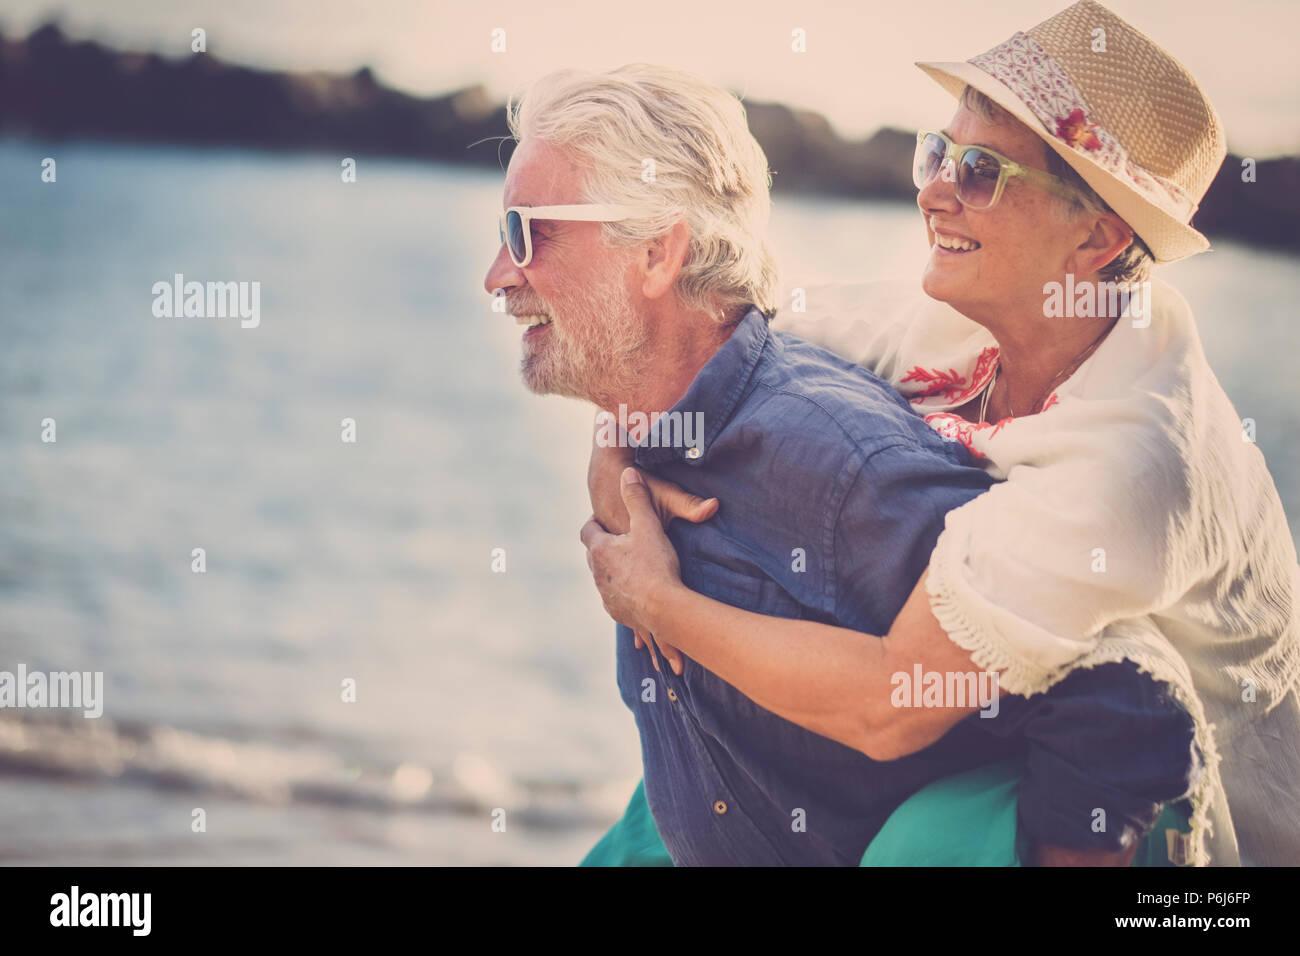 Felice coppia senior divertirsi e godersi l'esterno le attività del tempo libero in spiaggia. l'uomo portare la donna sulla schiena per godere insieme un pensionato lifestyl Immagini Stock